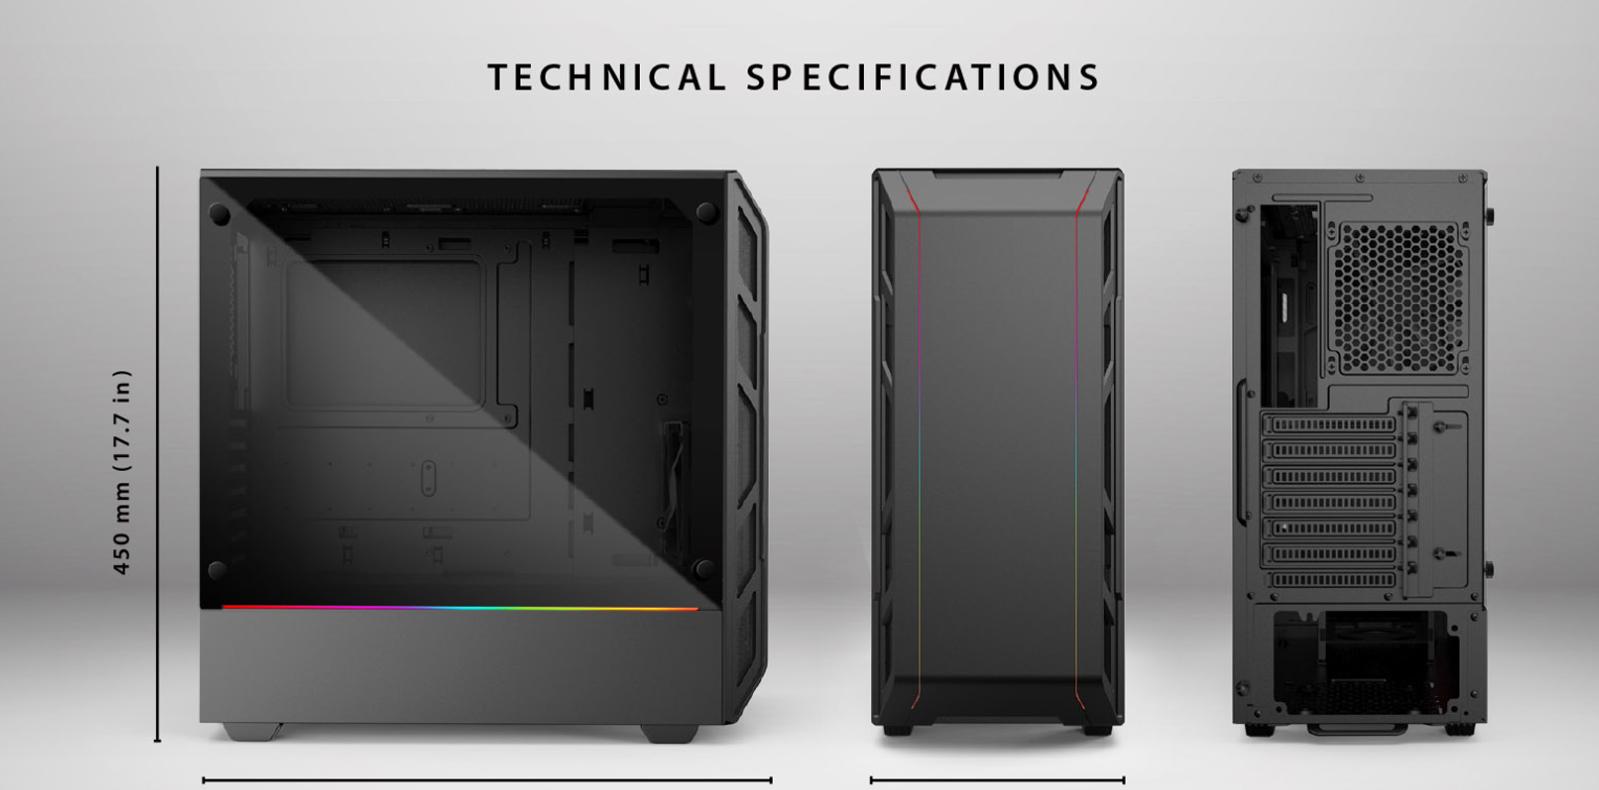 Case Phanteks Eclipse P350X Tempered Glass, DRGB, Black (Mid Tower/Màu Đen) Mặt trước và tổng quan